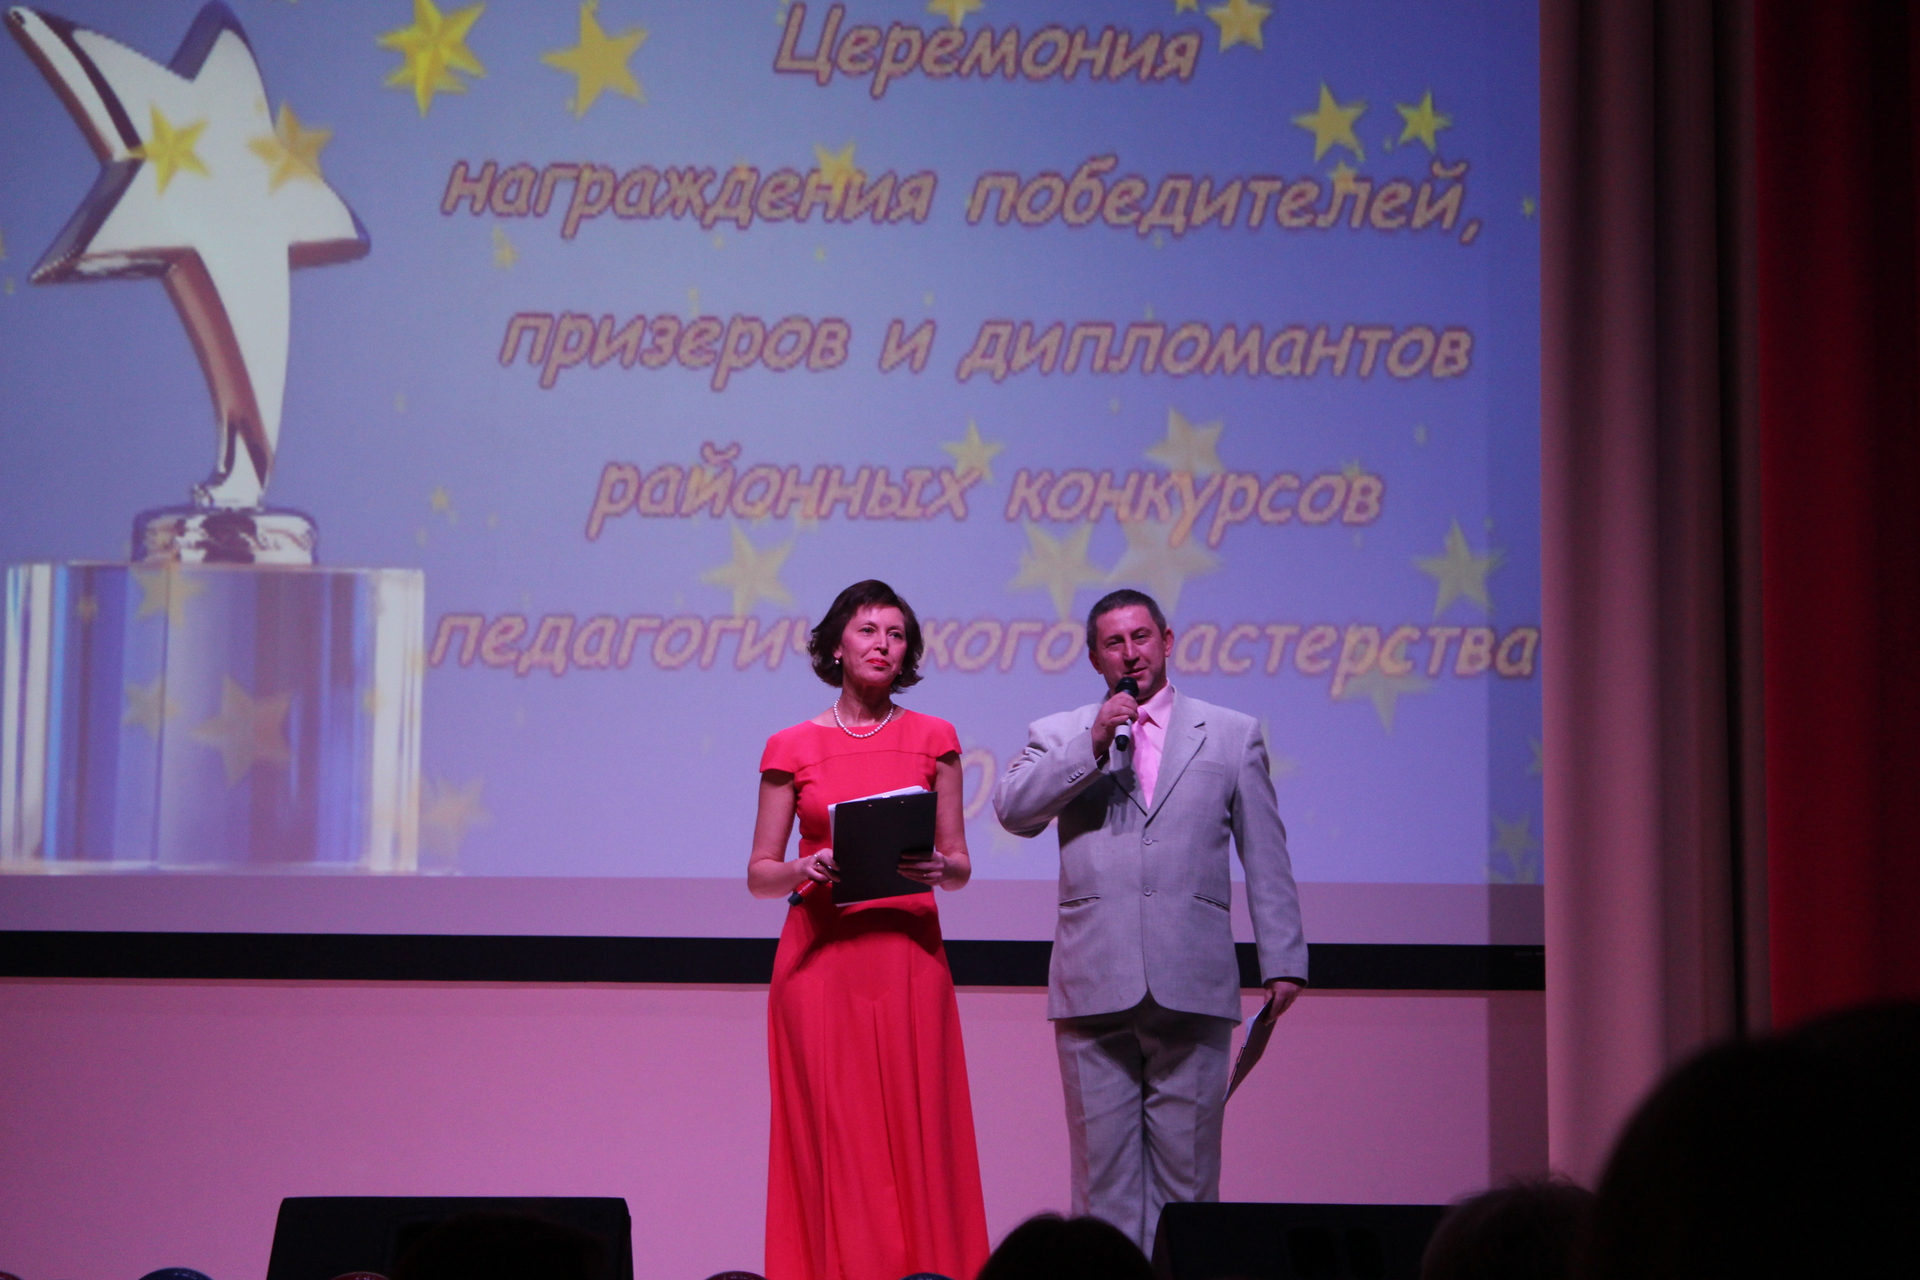 Церемония награждения победителей, призеров и дипломатов районных конкурсов педагогического мастерства – 2016